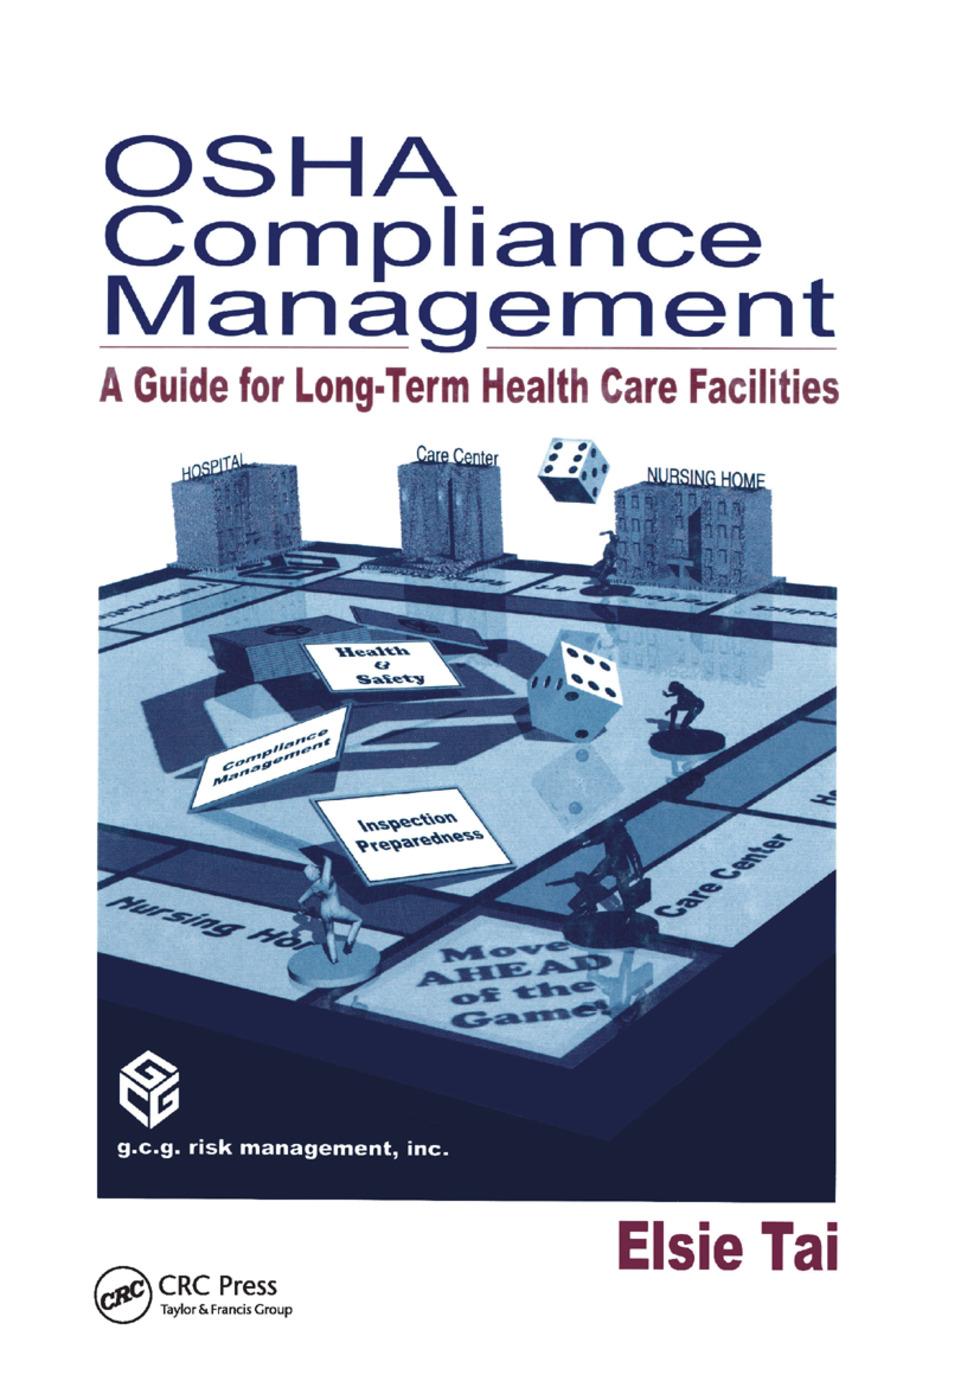 OSHA Compliance Management